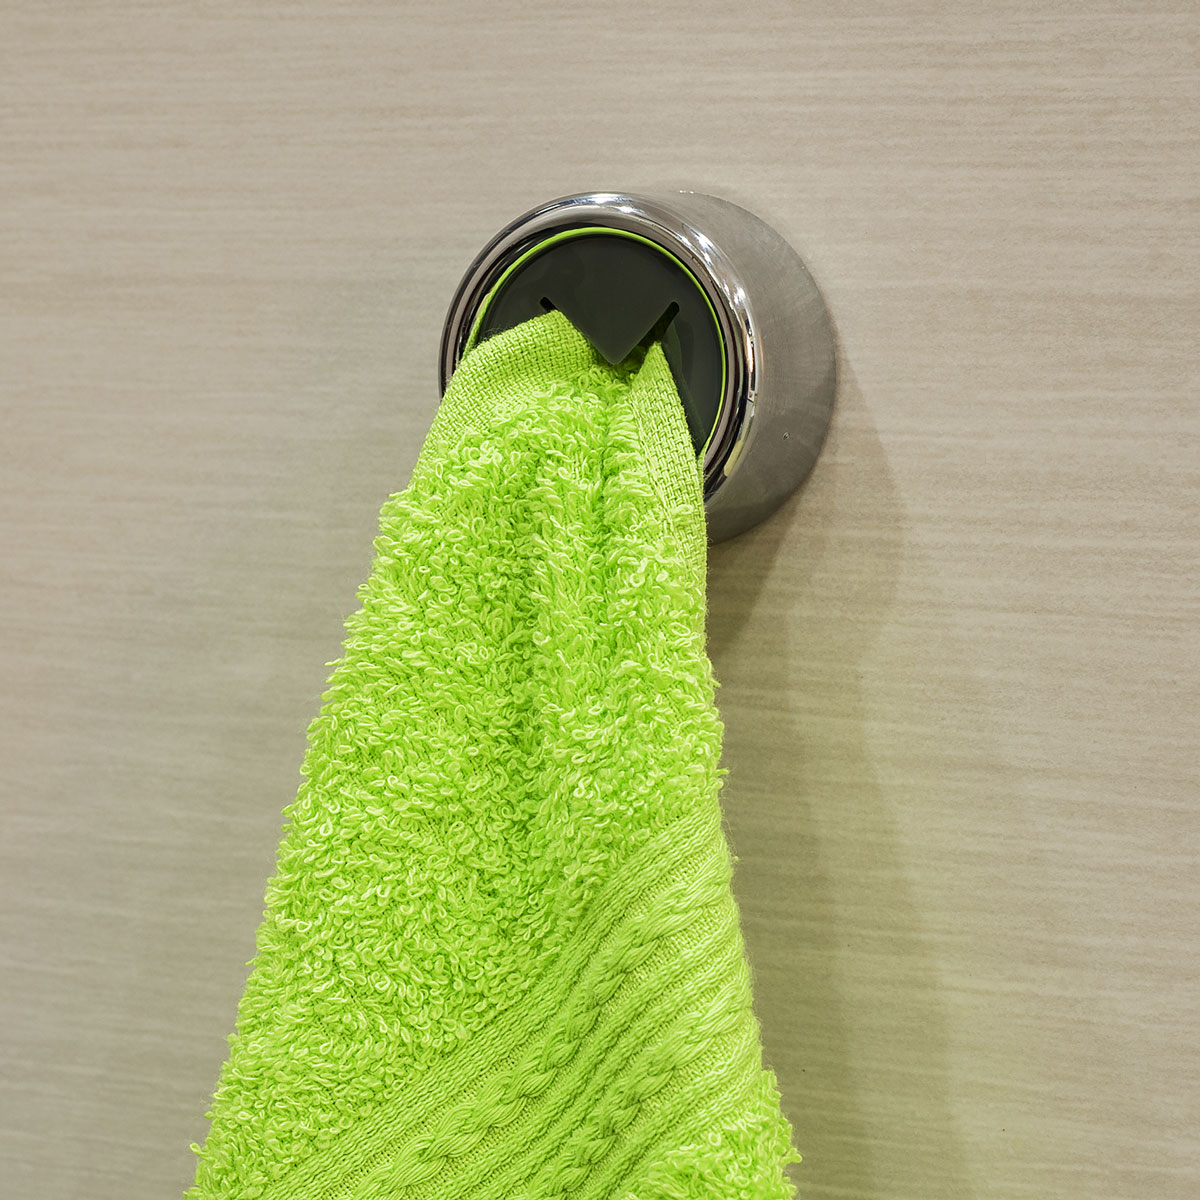 Вешалка самоклеящаяся Tatkraft Berra, для полотенец, диаметр 4 см68/5/3Самоклеящаяся вешалка для полотенец Tatkraft Berra, изготовлена из пластика. Вешалка с современным дизайном не боится влаги, и очень легко крепится к стене. Чтобы зафиксировать вешалку, не нужно сверлить дырки, достаточно снять защитный слой и прочно прижать вешалку к стене. Крепкая, оригинальная вешалка не требует петелек у полотенца.Диаметр вешалки: 4 см.